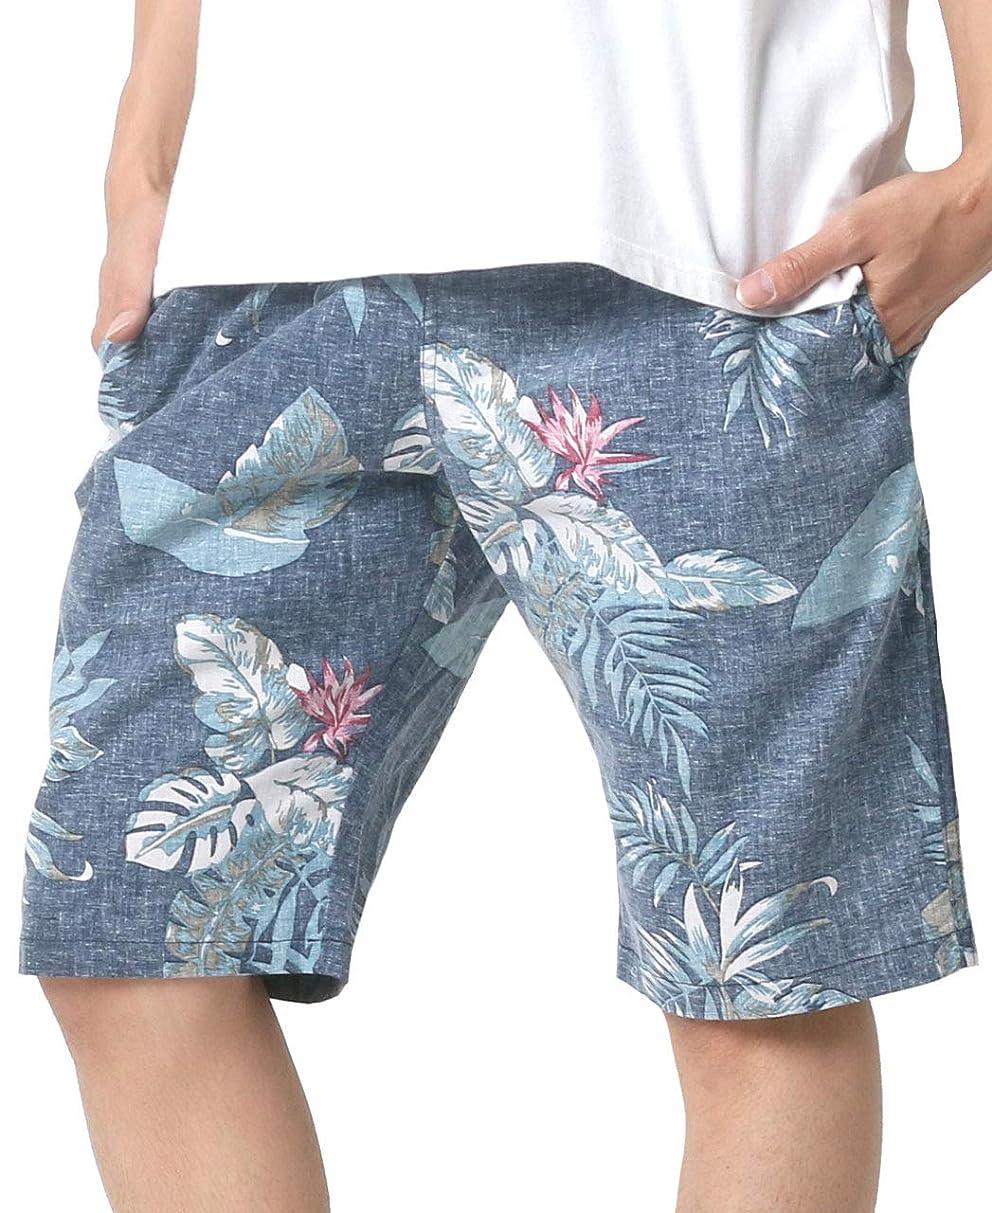 着る頼むバランスのとれた[ルーシャット] ショートパンツ アロハ 総柄 裏使い ボタニカル 花柄 イージーパンツ メンズ